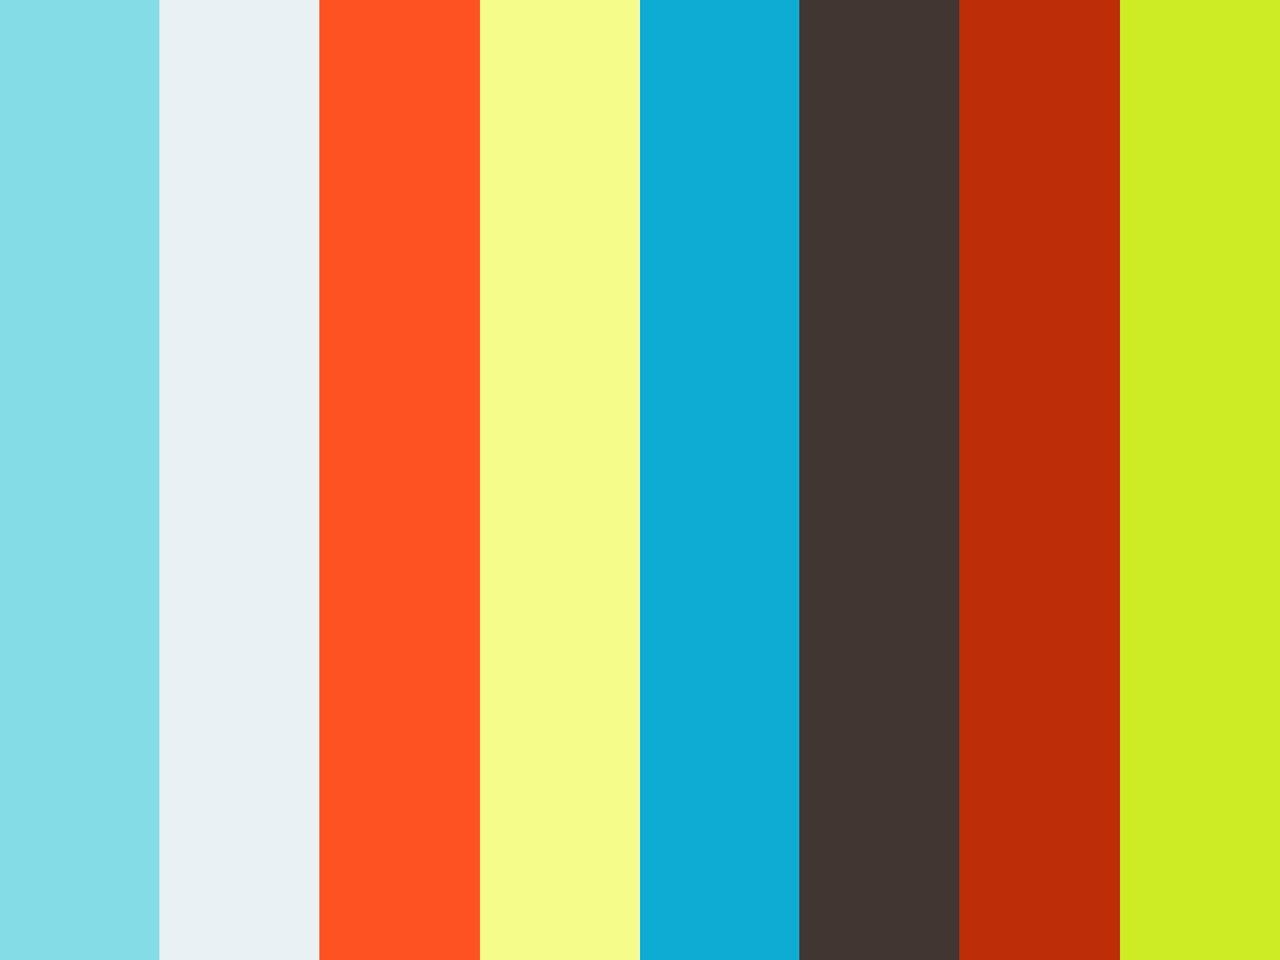 FynboMagasinet med valgdebat #ValgFyn på FynboTV